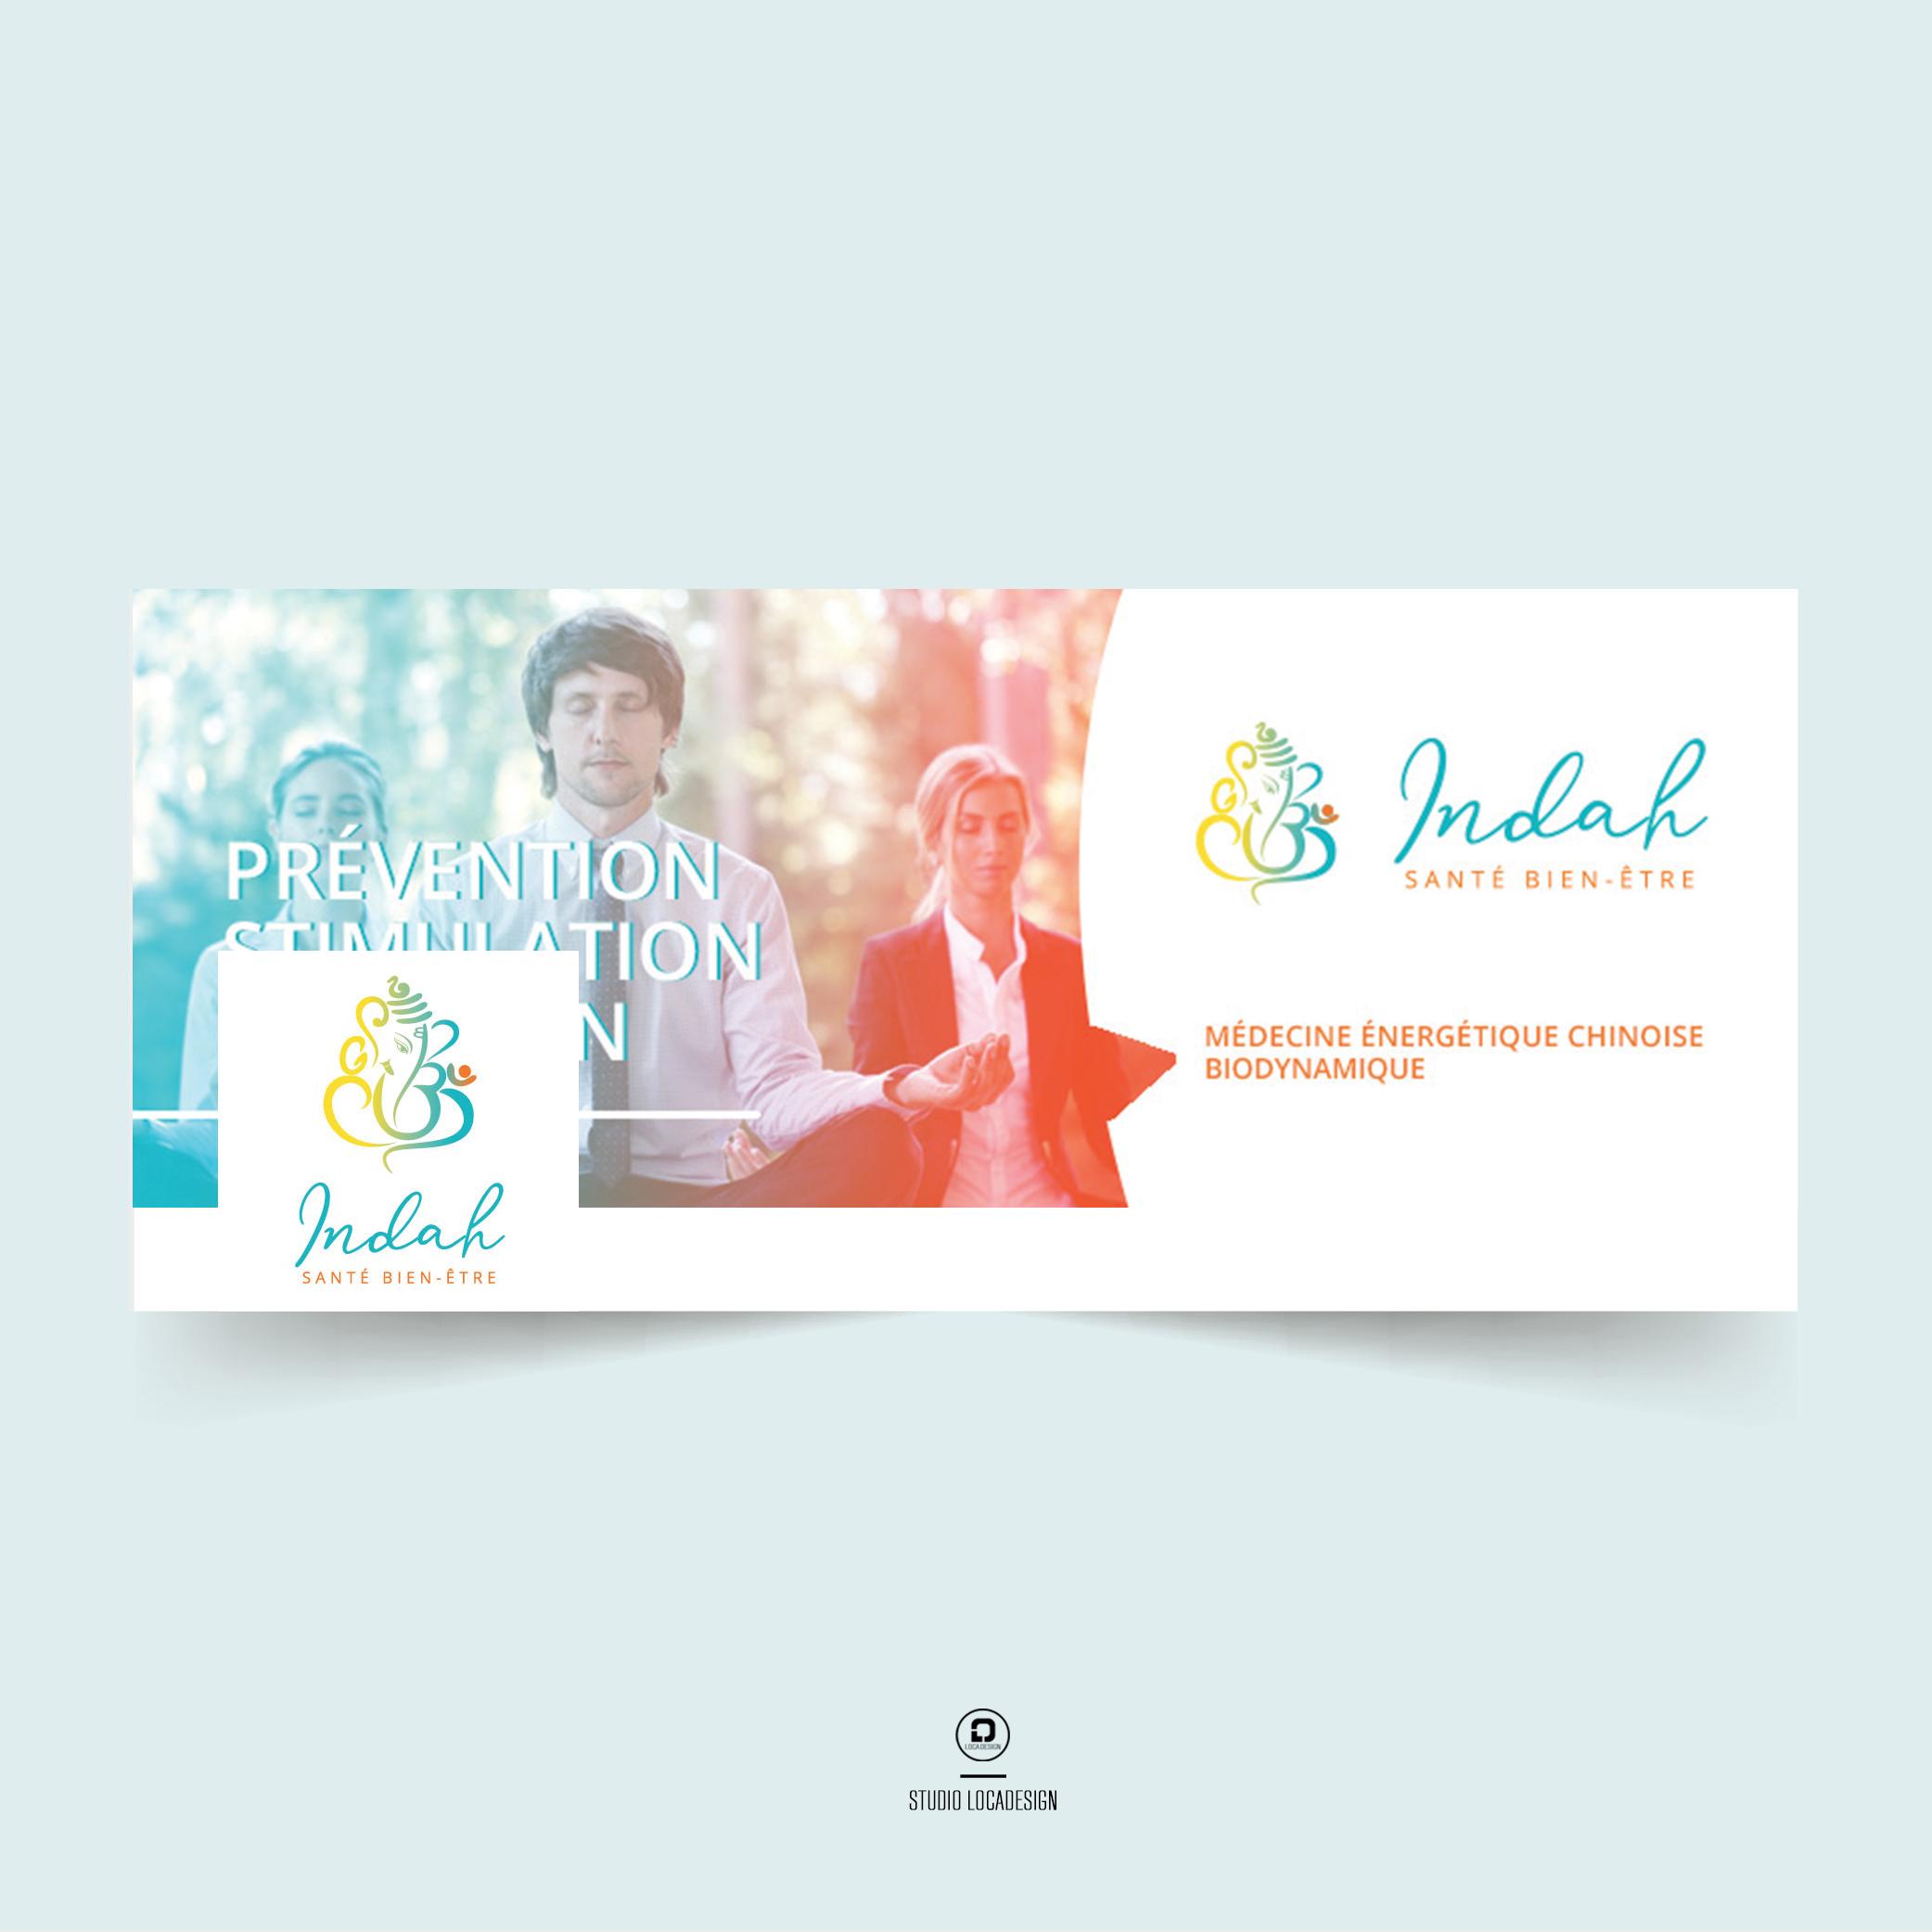 Bannière web Facebook Indah Santé Bien être Création Studio Locadesign 83